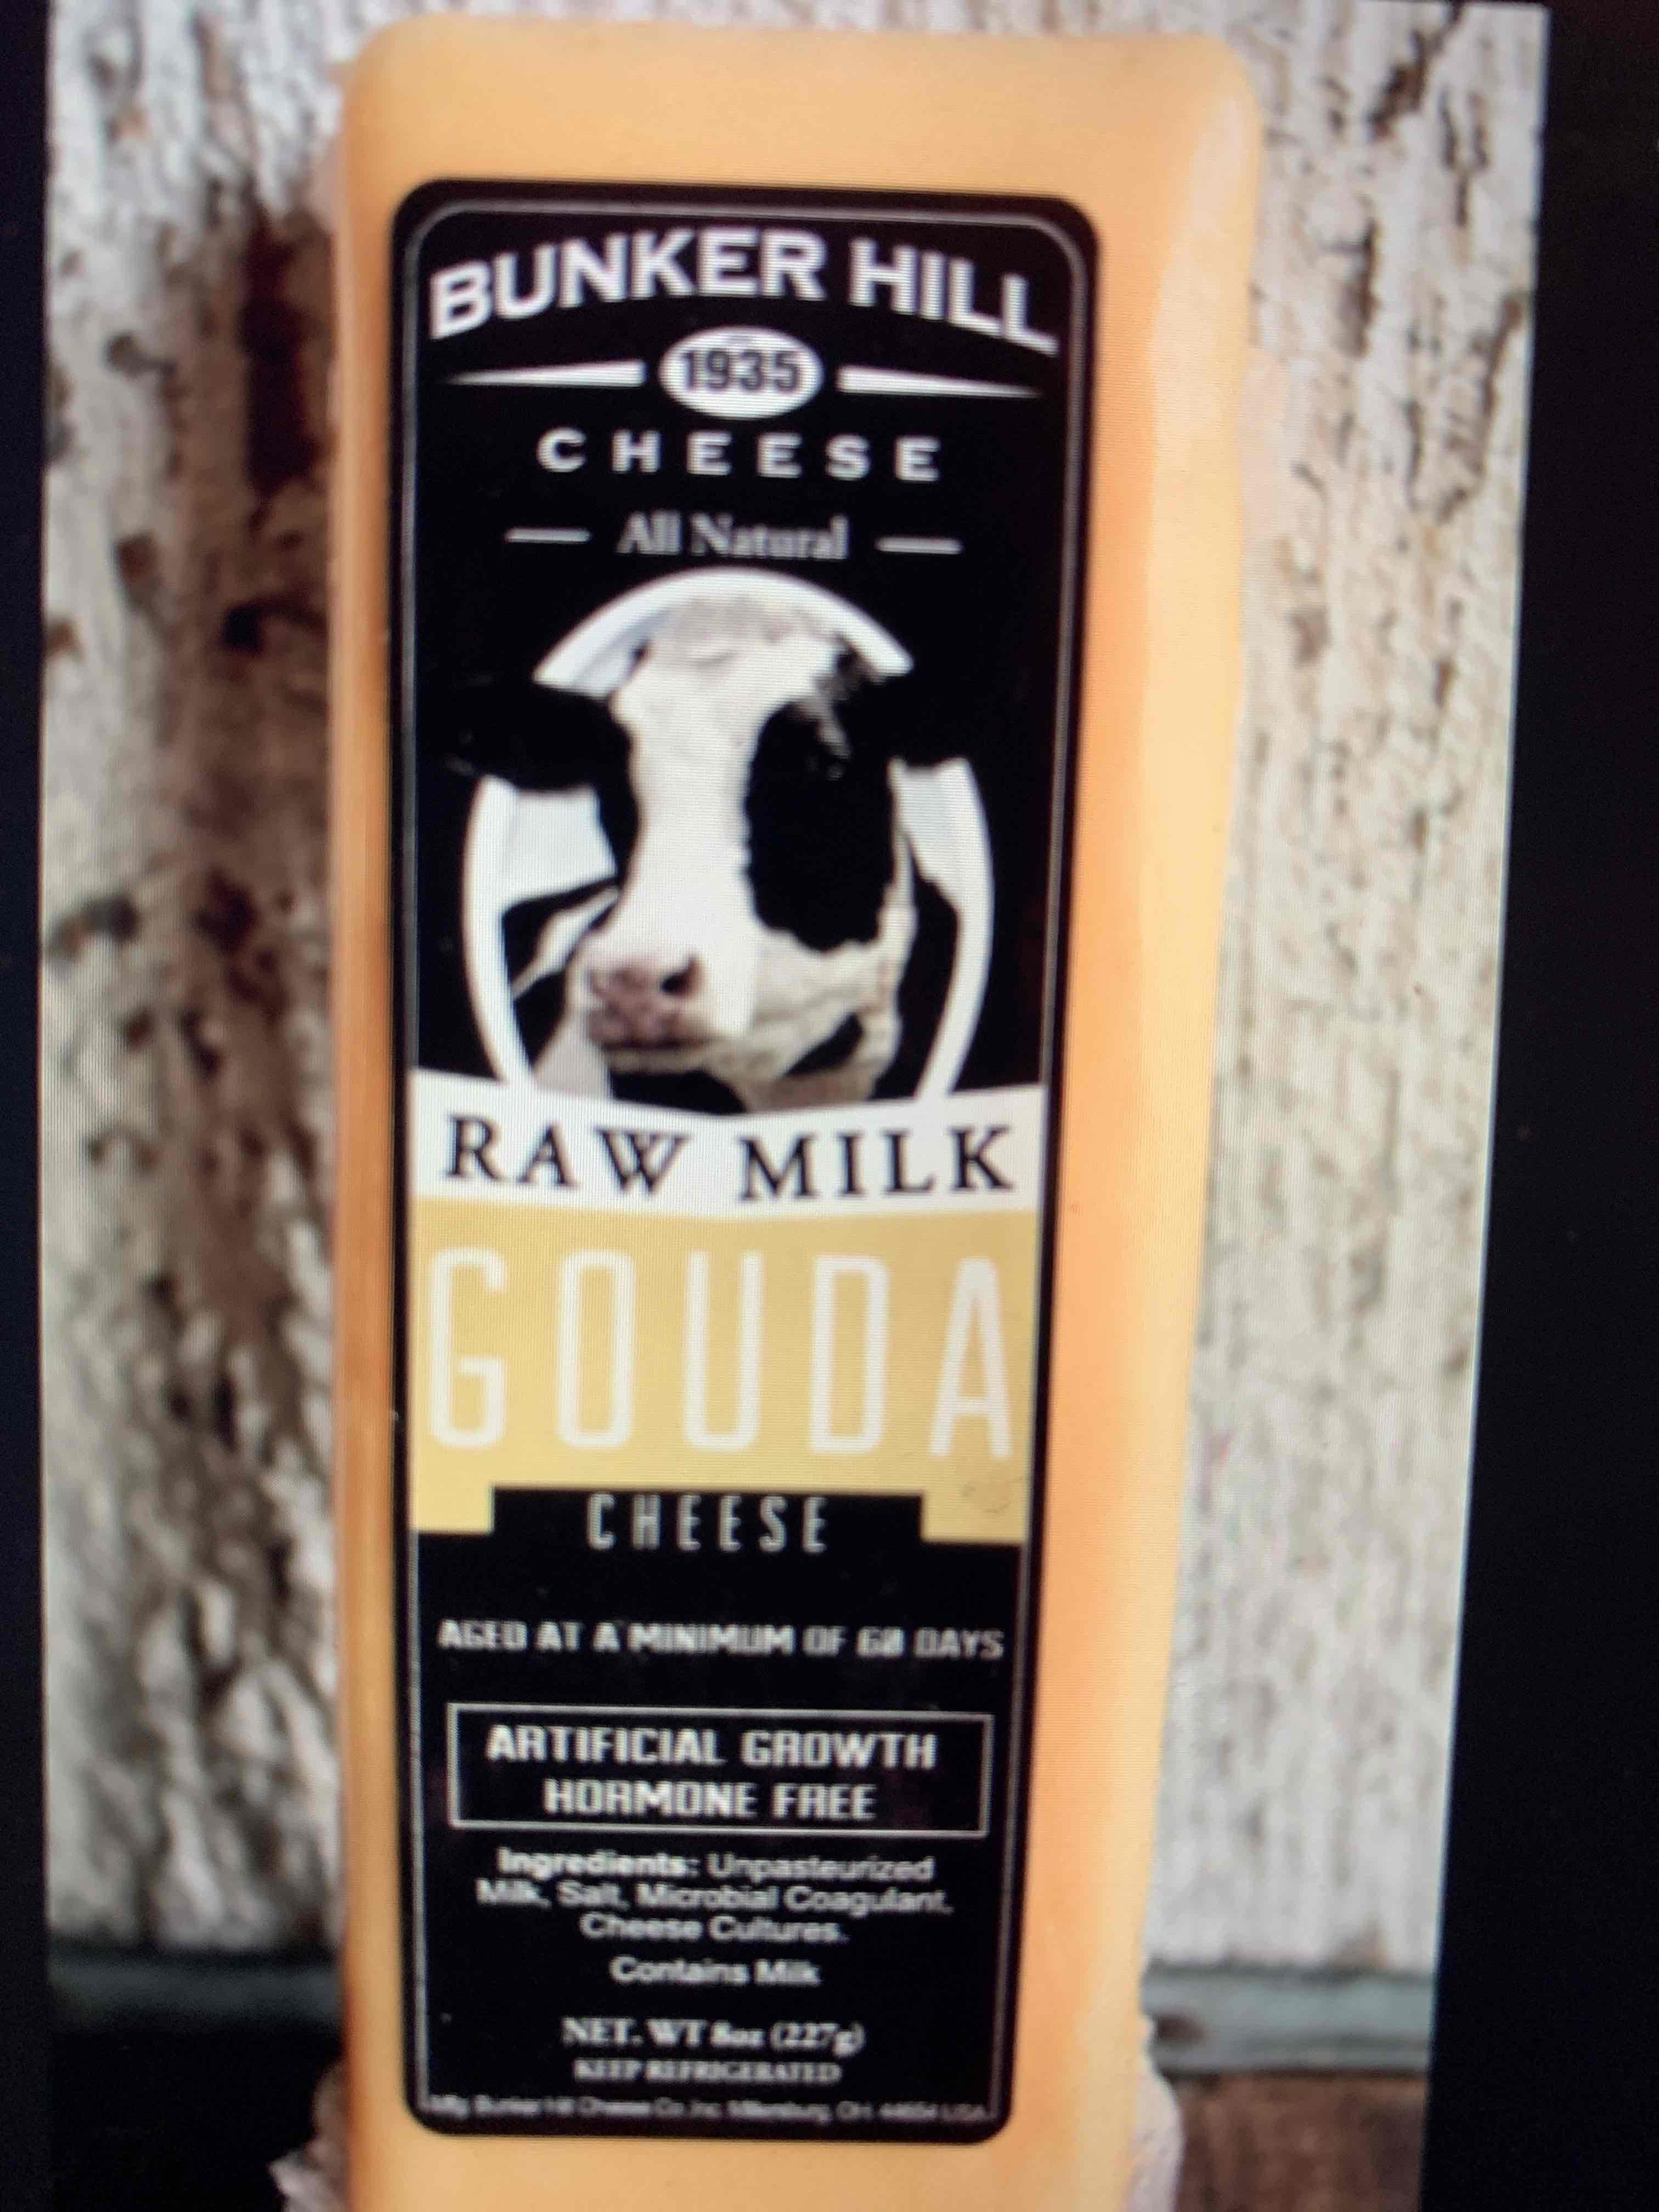 Raw Milk Gouda